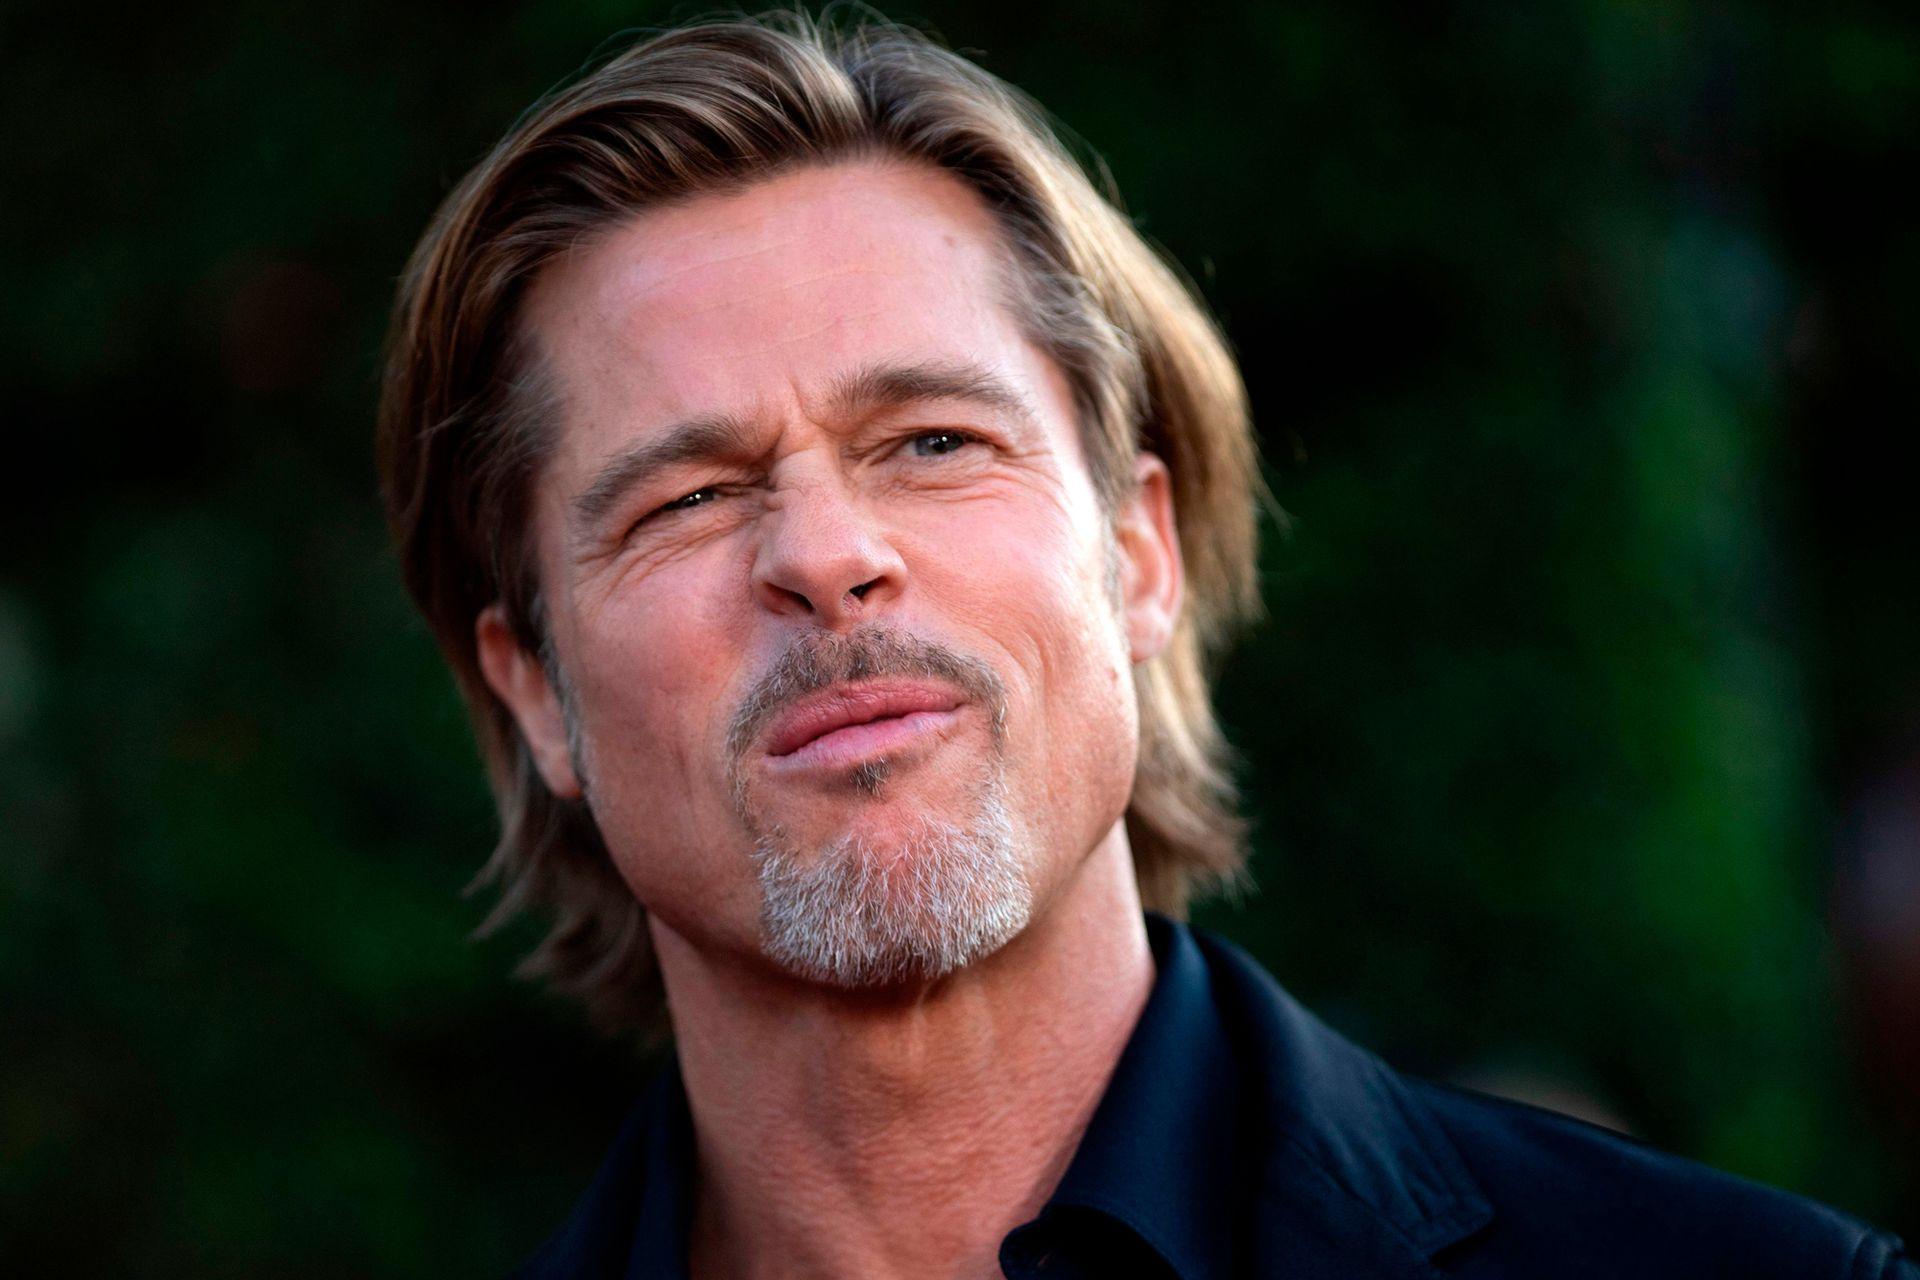 ¿Y ese gesto? Brad Pitt demostró, una vez más, que el paso del tiempo no lo afecta, pero no se privó de hacer muecas durante el estreno de su más reciente film, Ad Astra